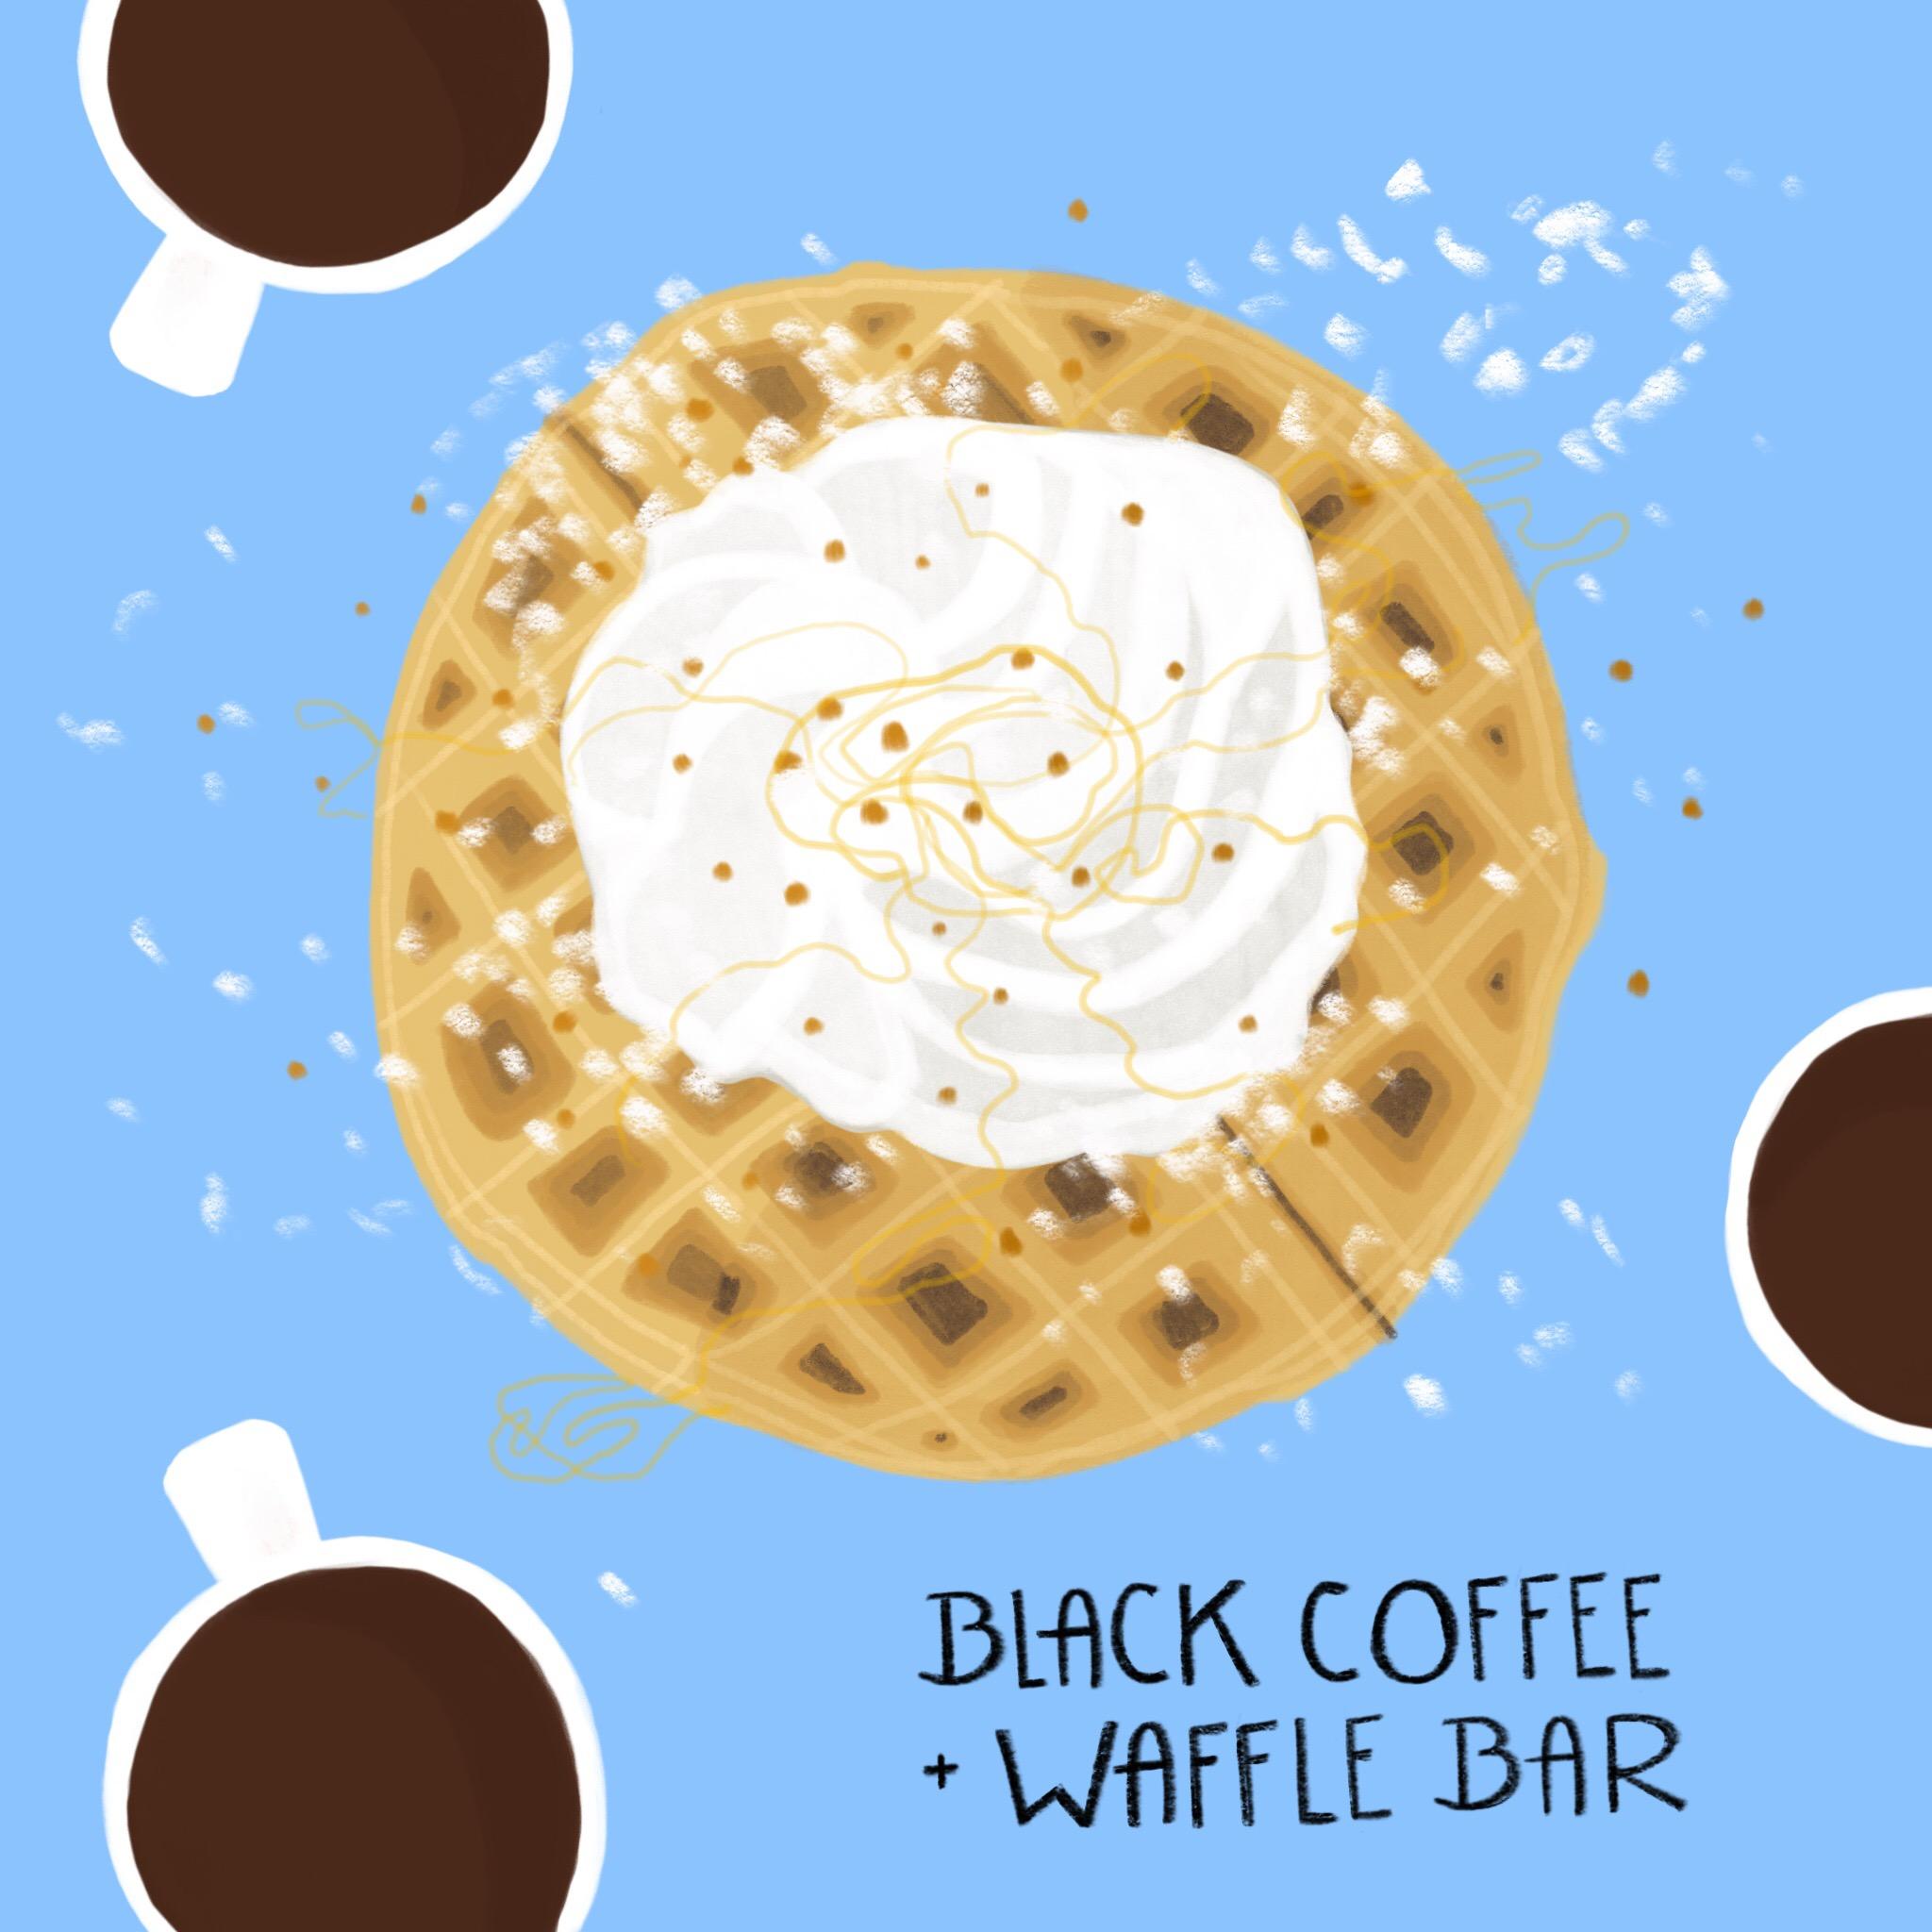 29_-_Black_Coffee_+_Waffle_Bar.jpg